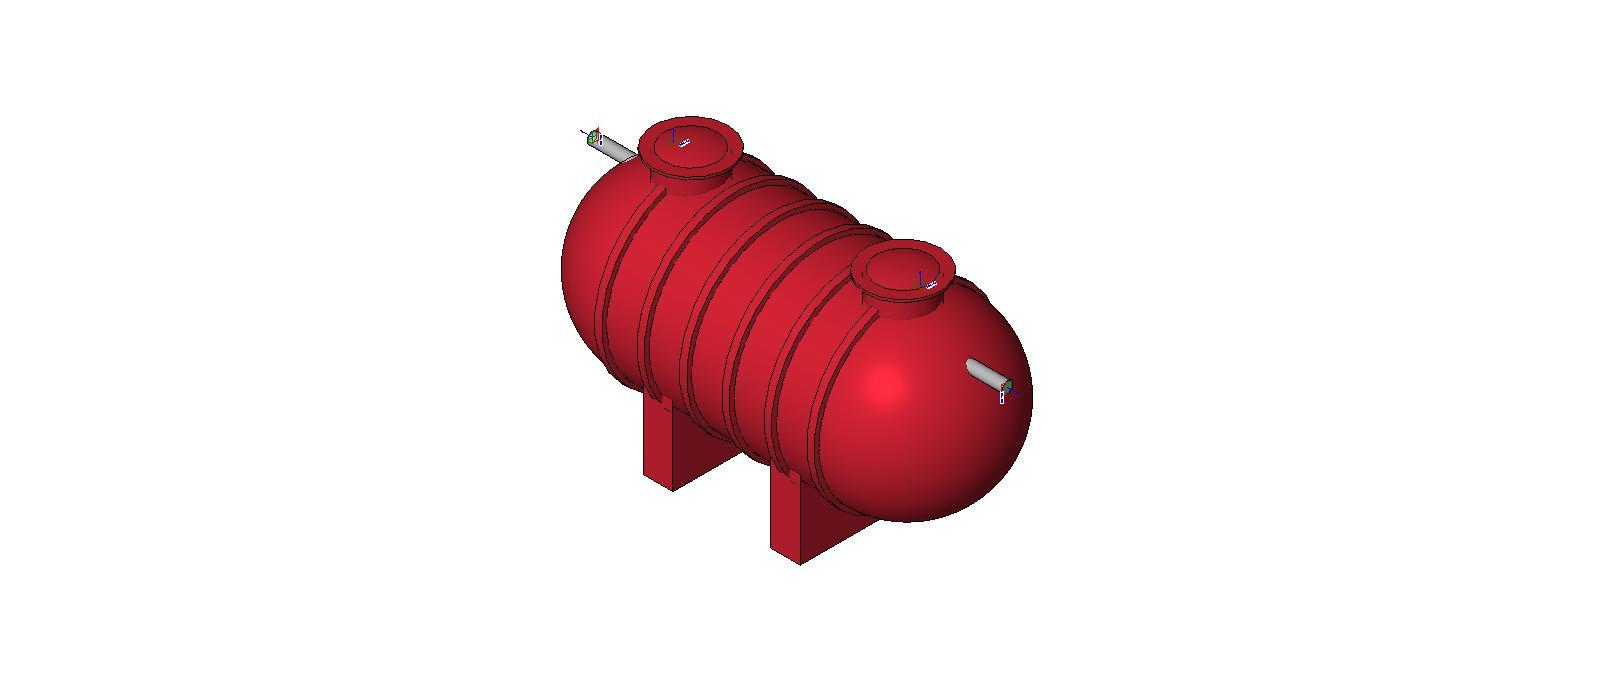 Water Utility Storage Tanks - Utilities - Free BIM Objects